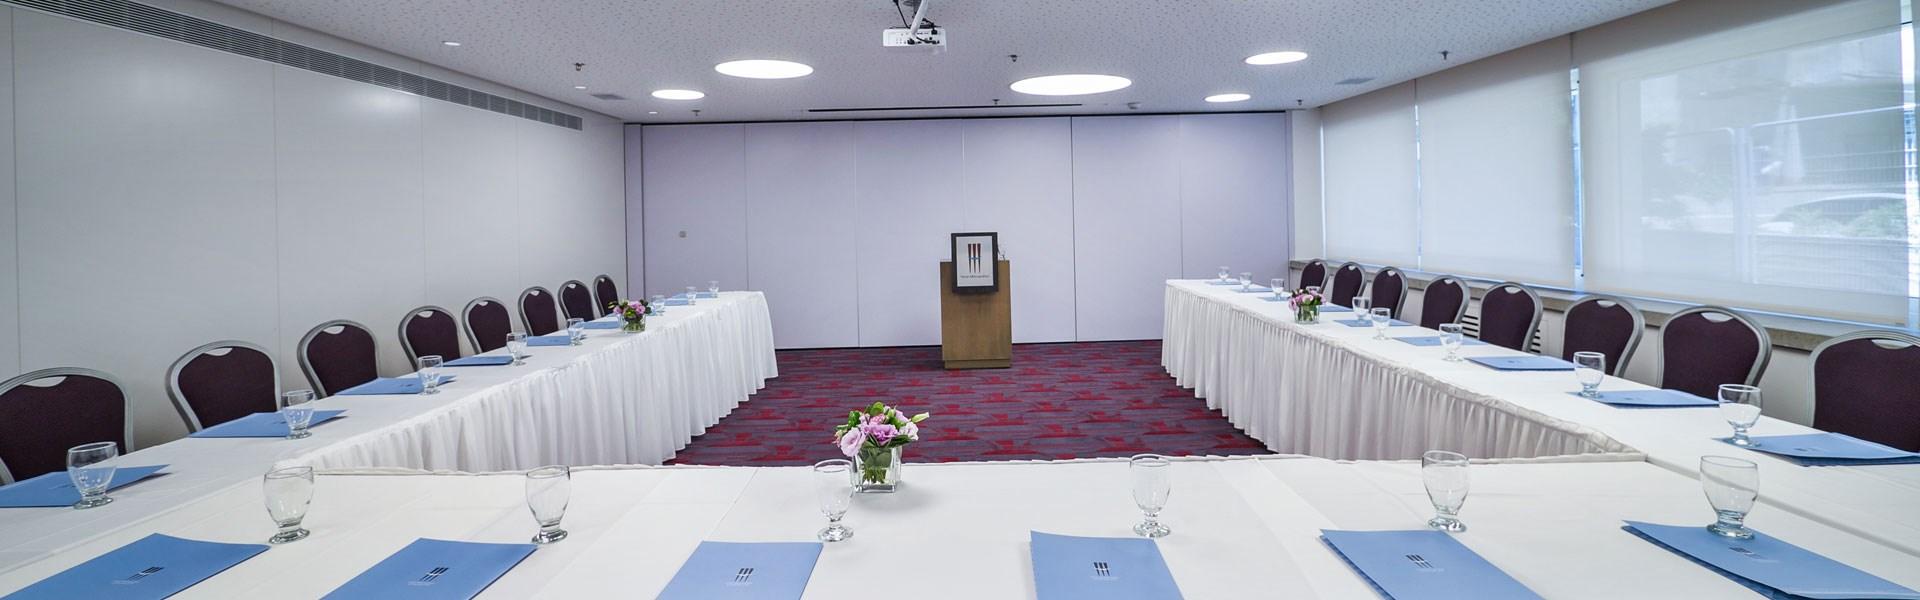 מלון מטרופוליטן - חדר ישיבות